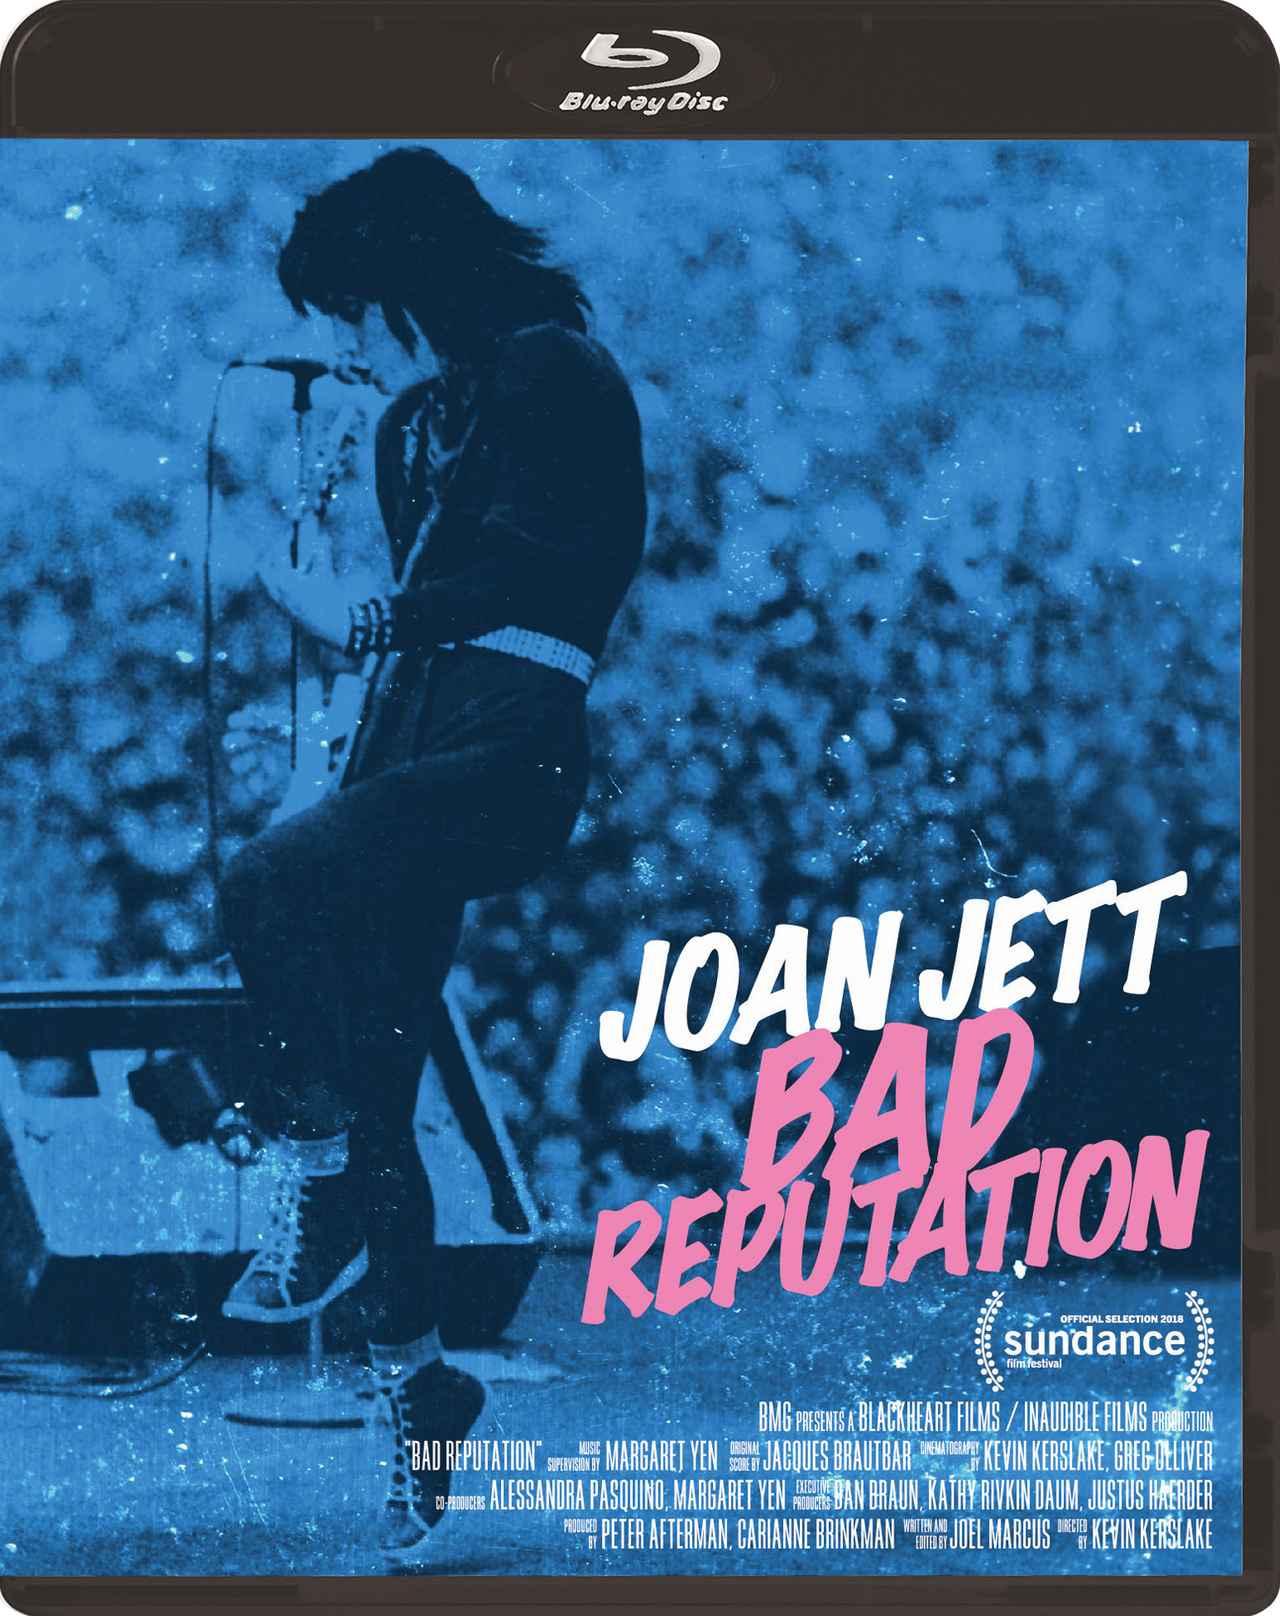 画像3: 女性ギタリストの闘いの歴史『ジョーン・ジェット/バッド・レピュテーション』BD&DVD発売決定